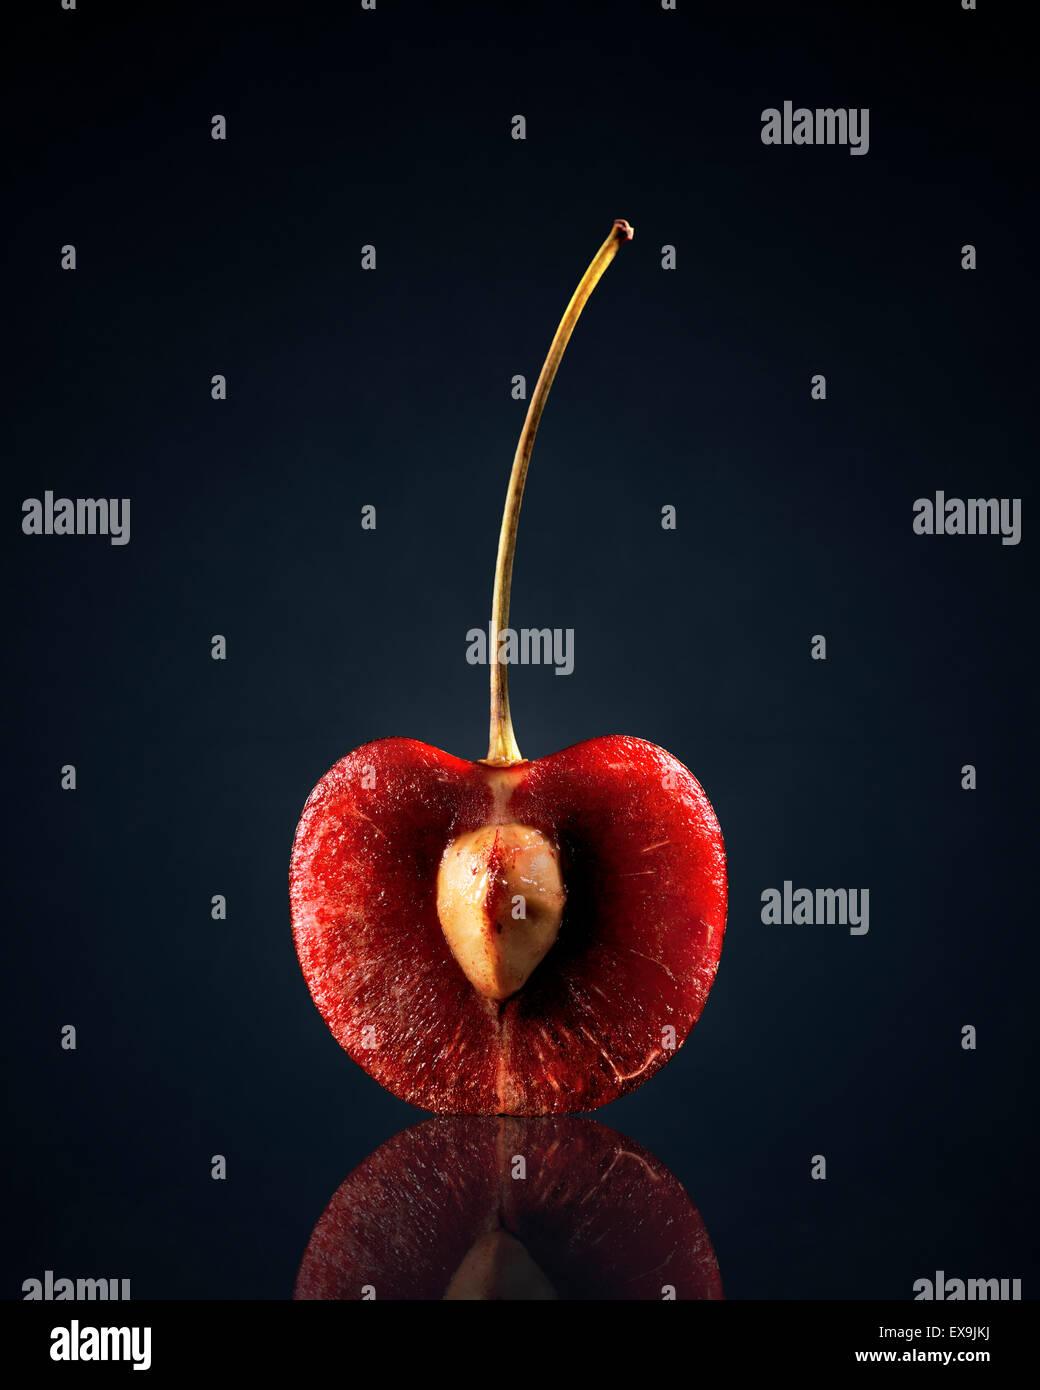 Rouge cerise (de moitié) avec réflexion sur fond sombre Photo Stock